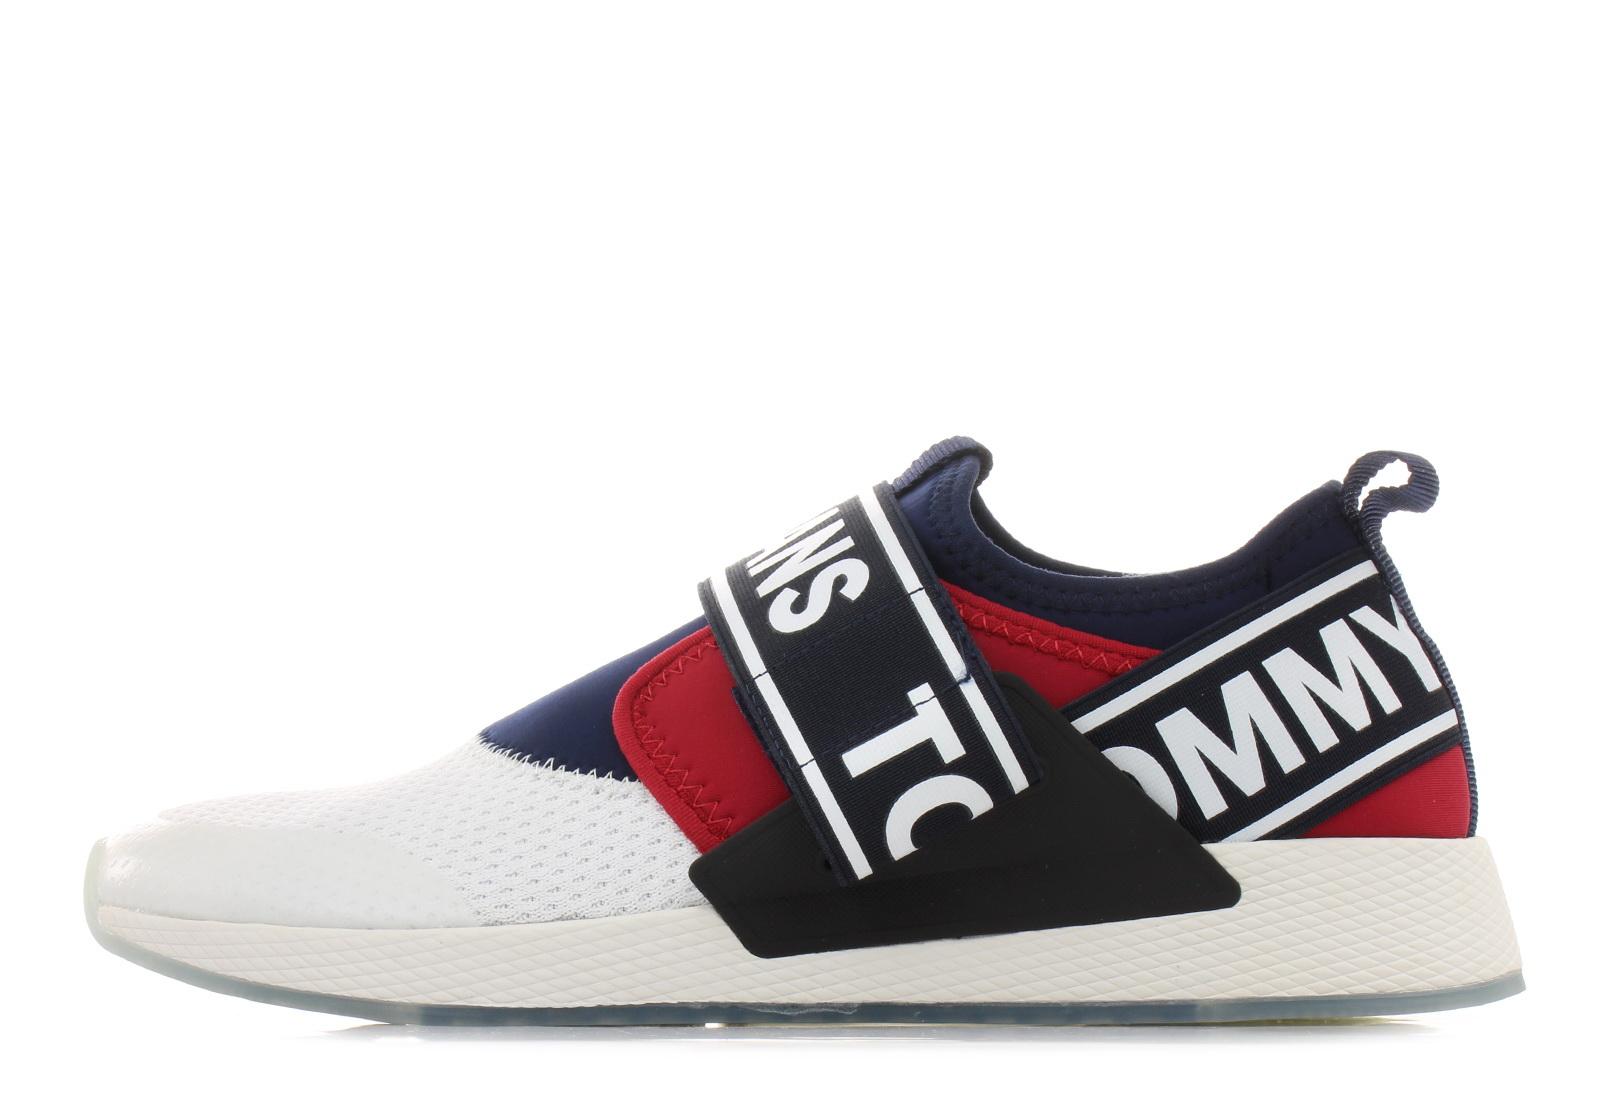 e0a486403c50 Tommy Hilfiger Shoes - Blake 7c - 19S-0220-020 - Online shop for ...